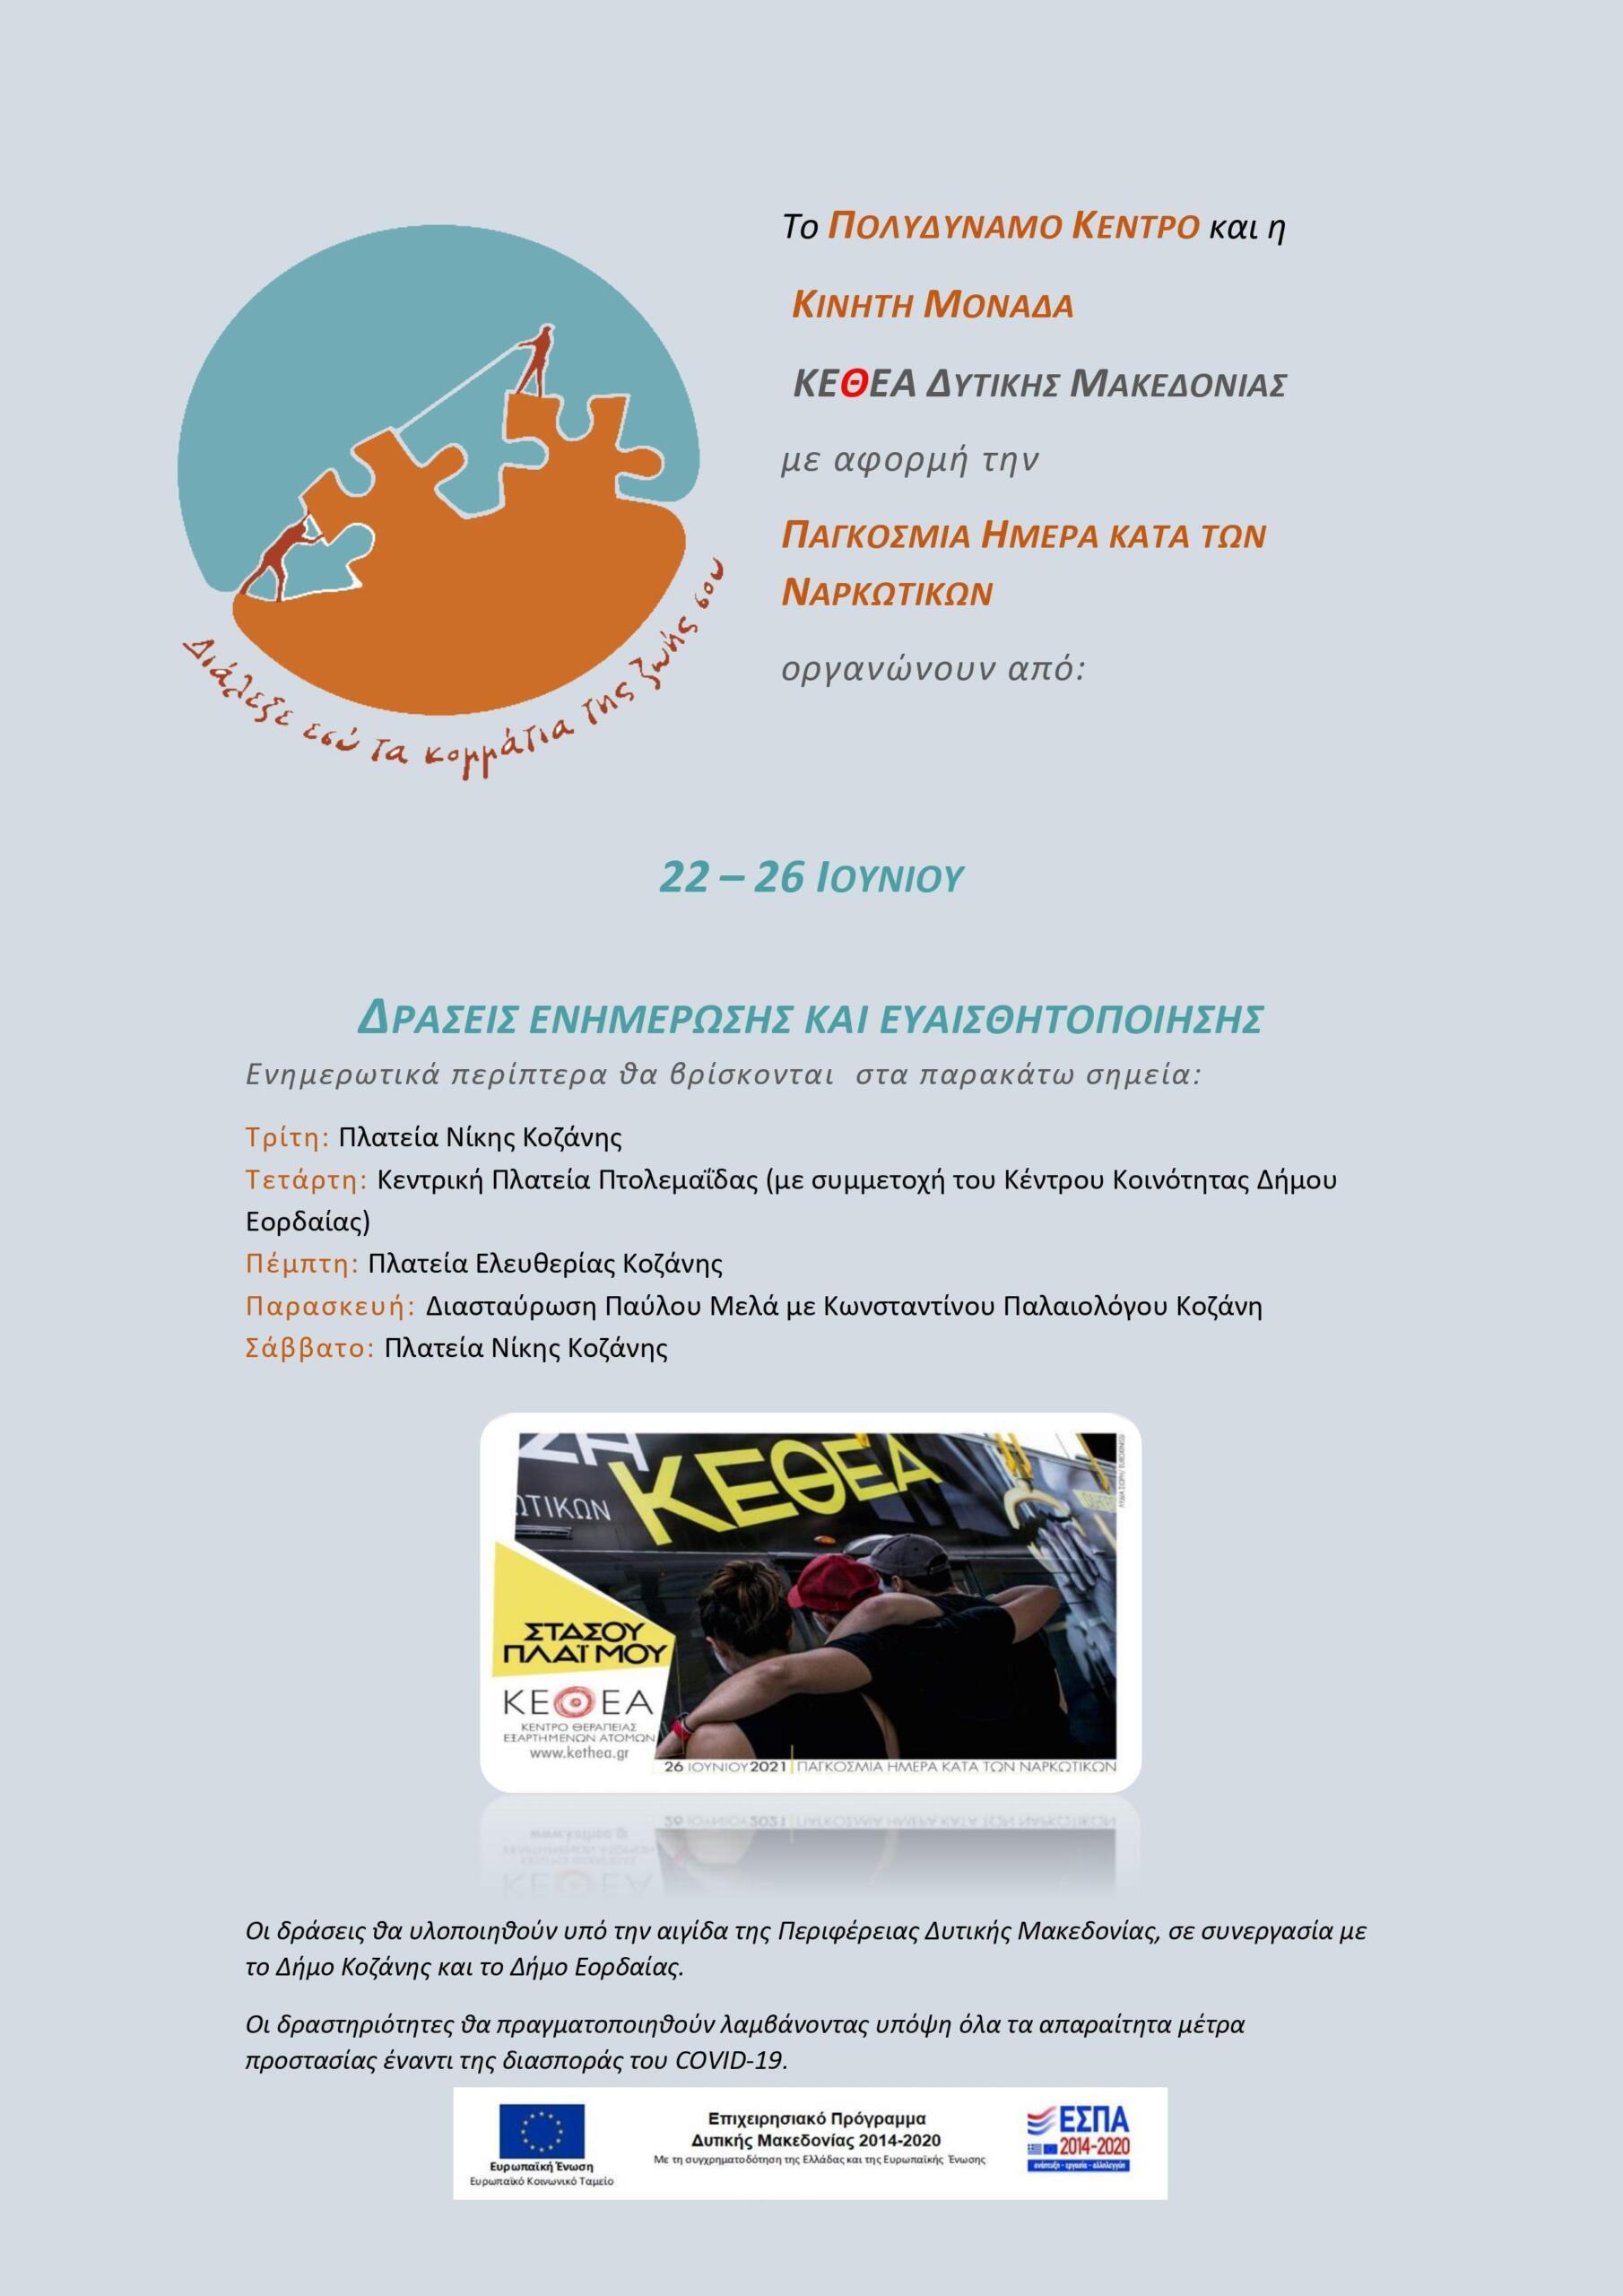 Δράσεις για την παγκόσμια ημέρα κατά των ναρκωτικών από το ΚΕΘΕΑ Δυτικής Μακεδονίας. «ΣΤΑΣΟΥ ΠΛΑΪ ΜΟΥ»